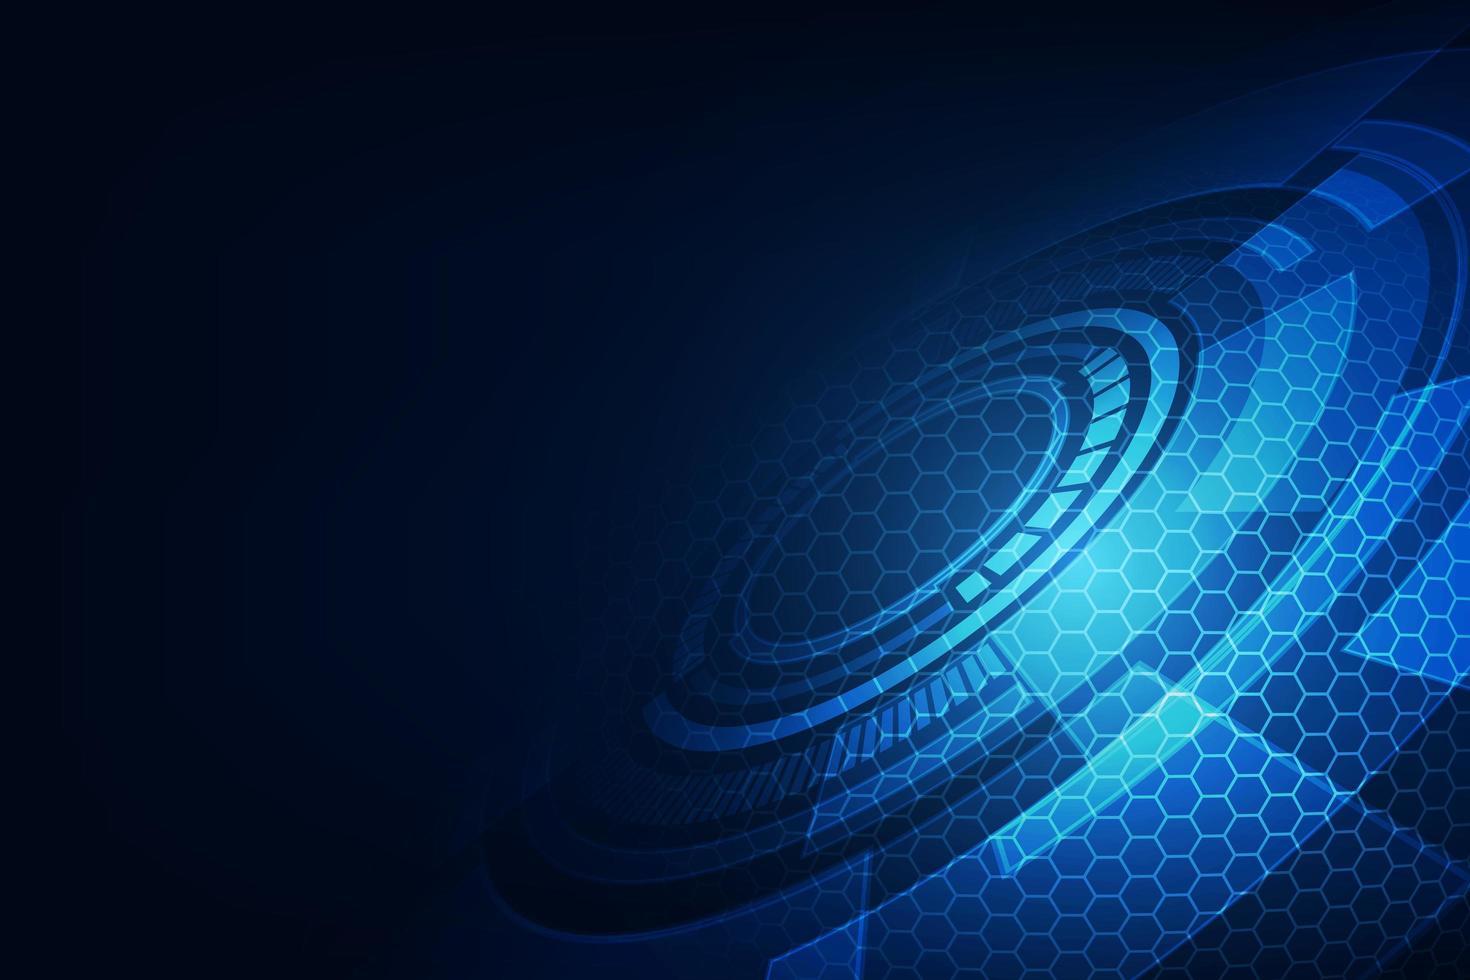 vektor abstrakt framtida teknik, elektrisk telekom bakgrund